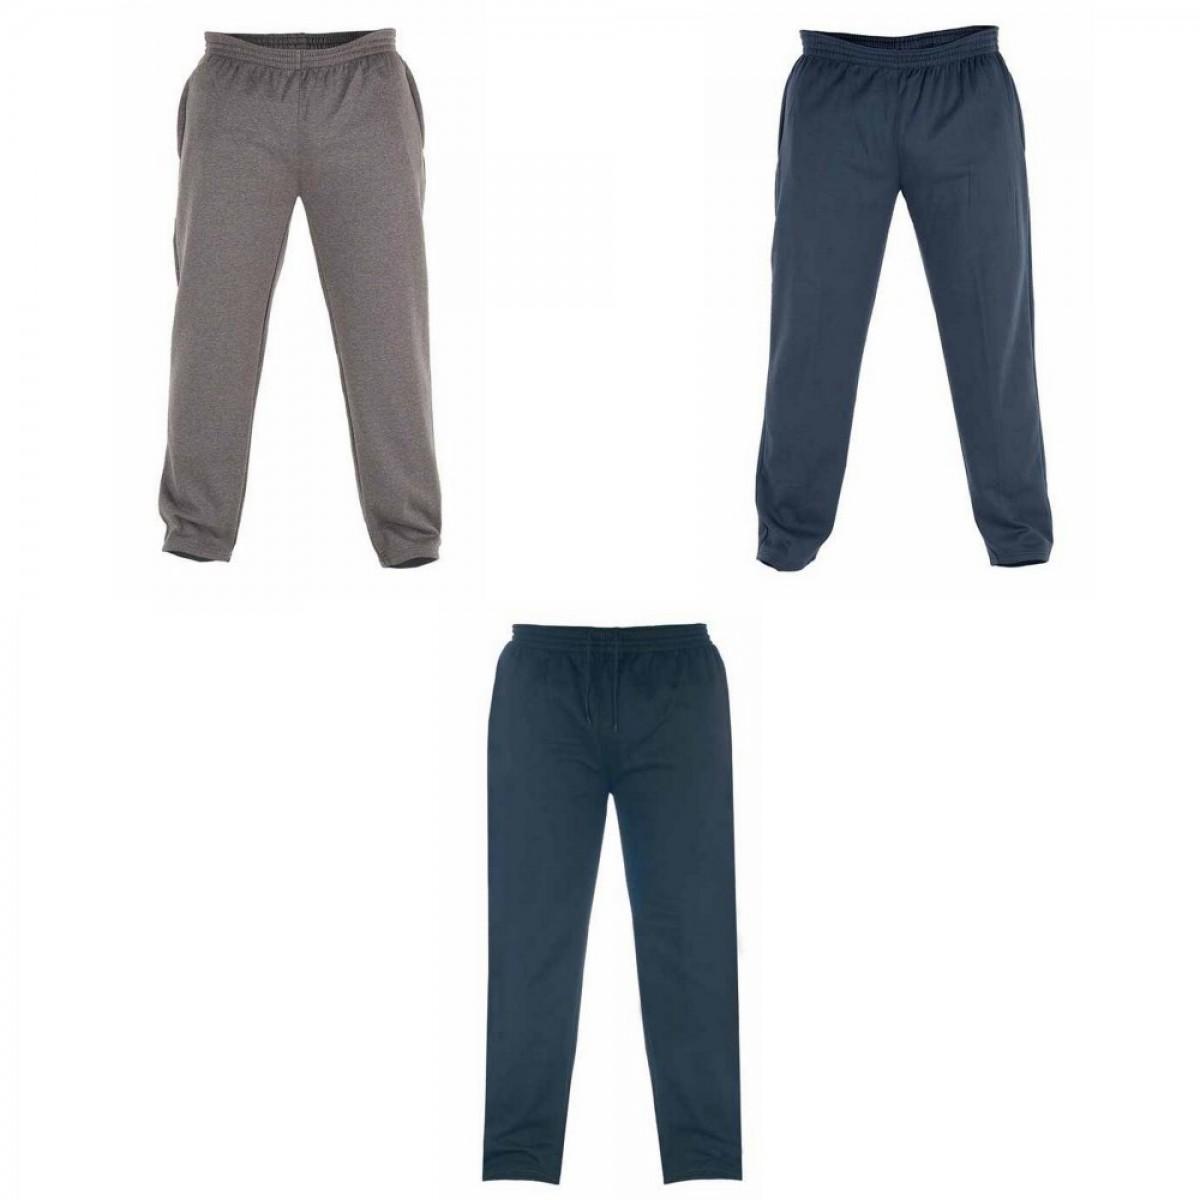 (デューク・ロックフォード) Duke Rockford メンズ 大きいキングサイズ Albert オープンヘム ゴムウエストパンツ ズボン 【楽天海外直送】